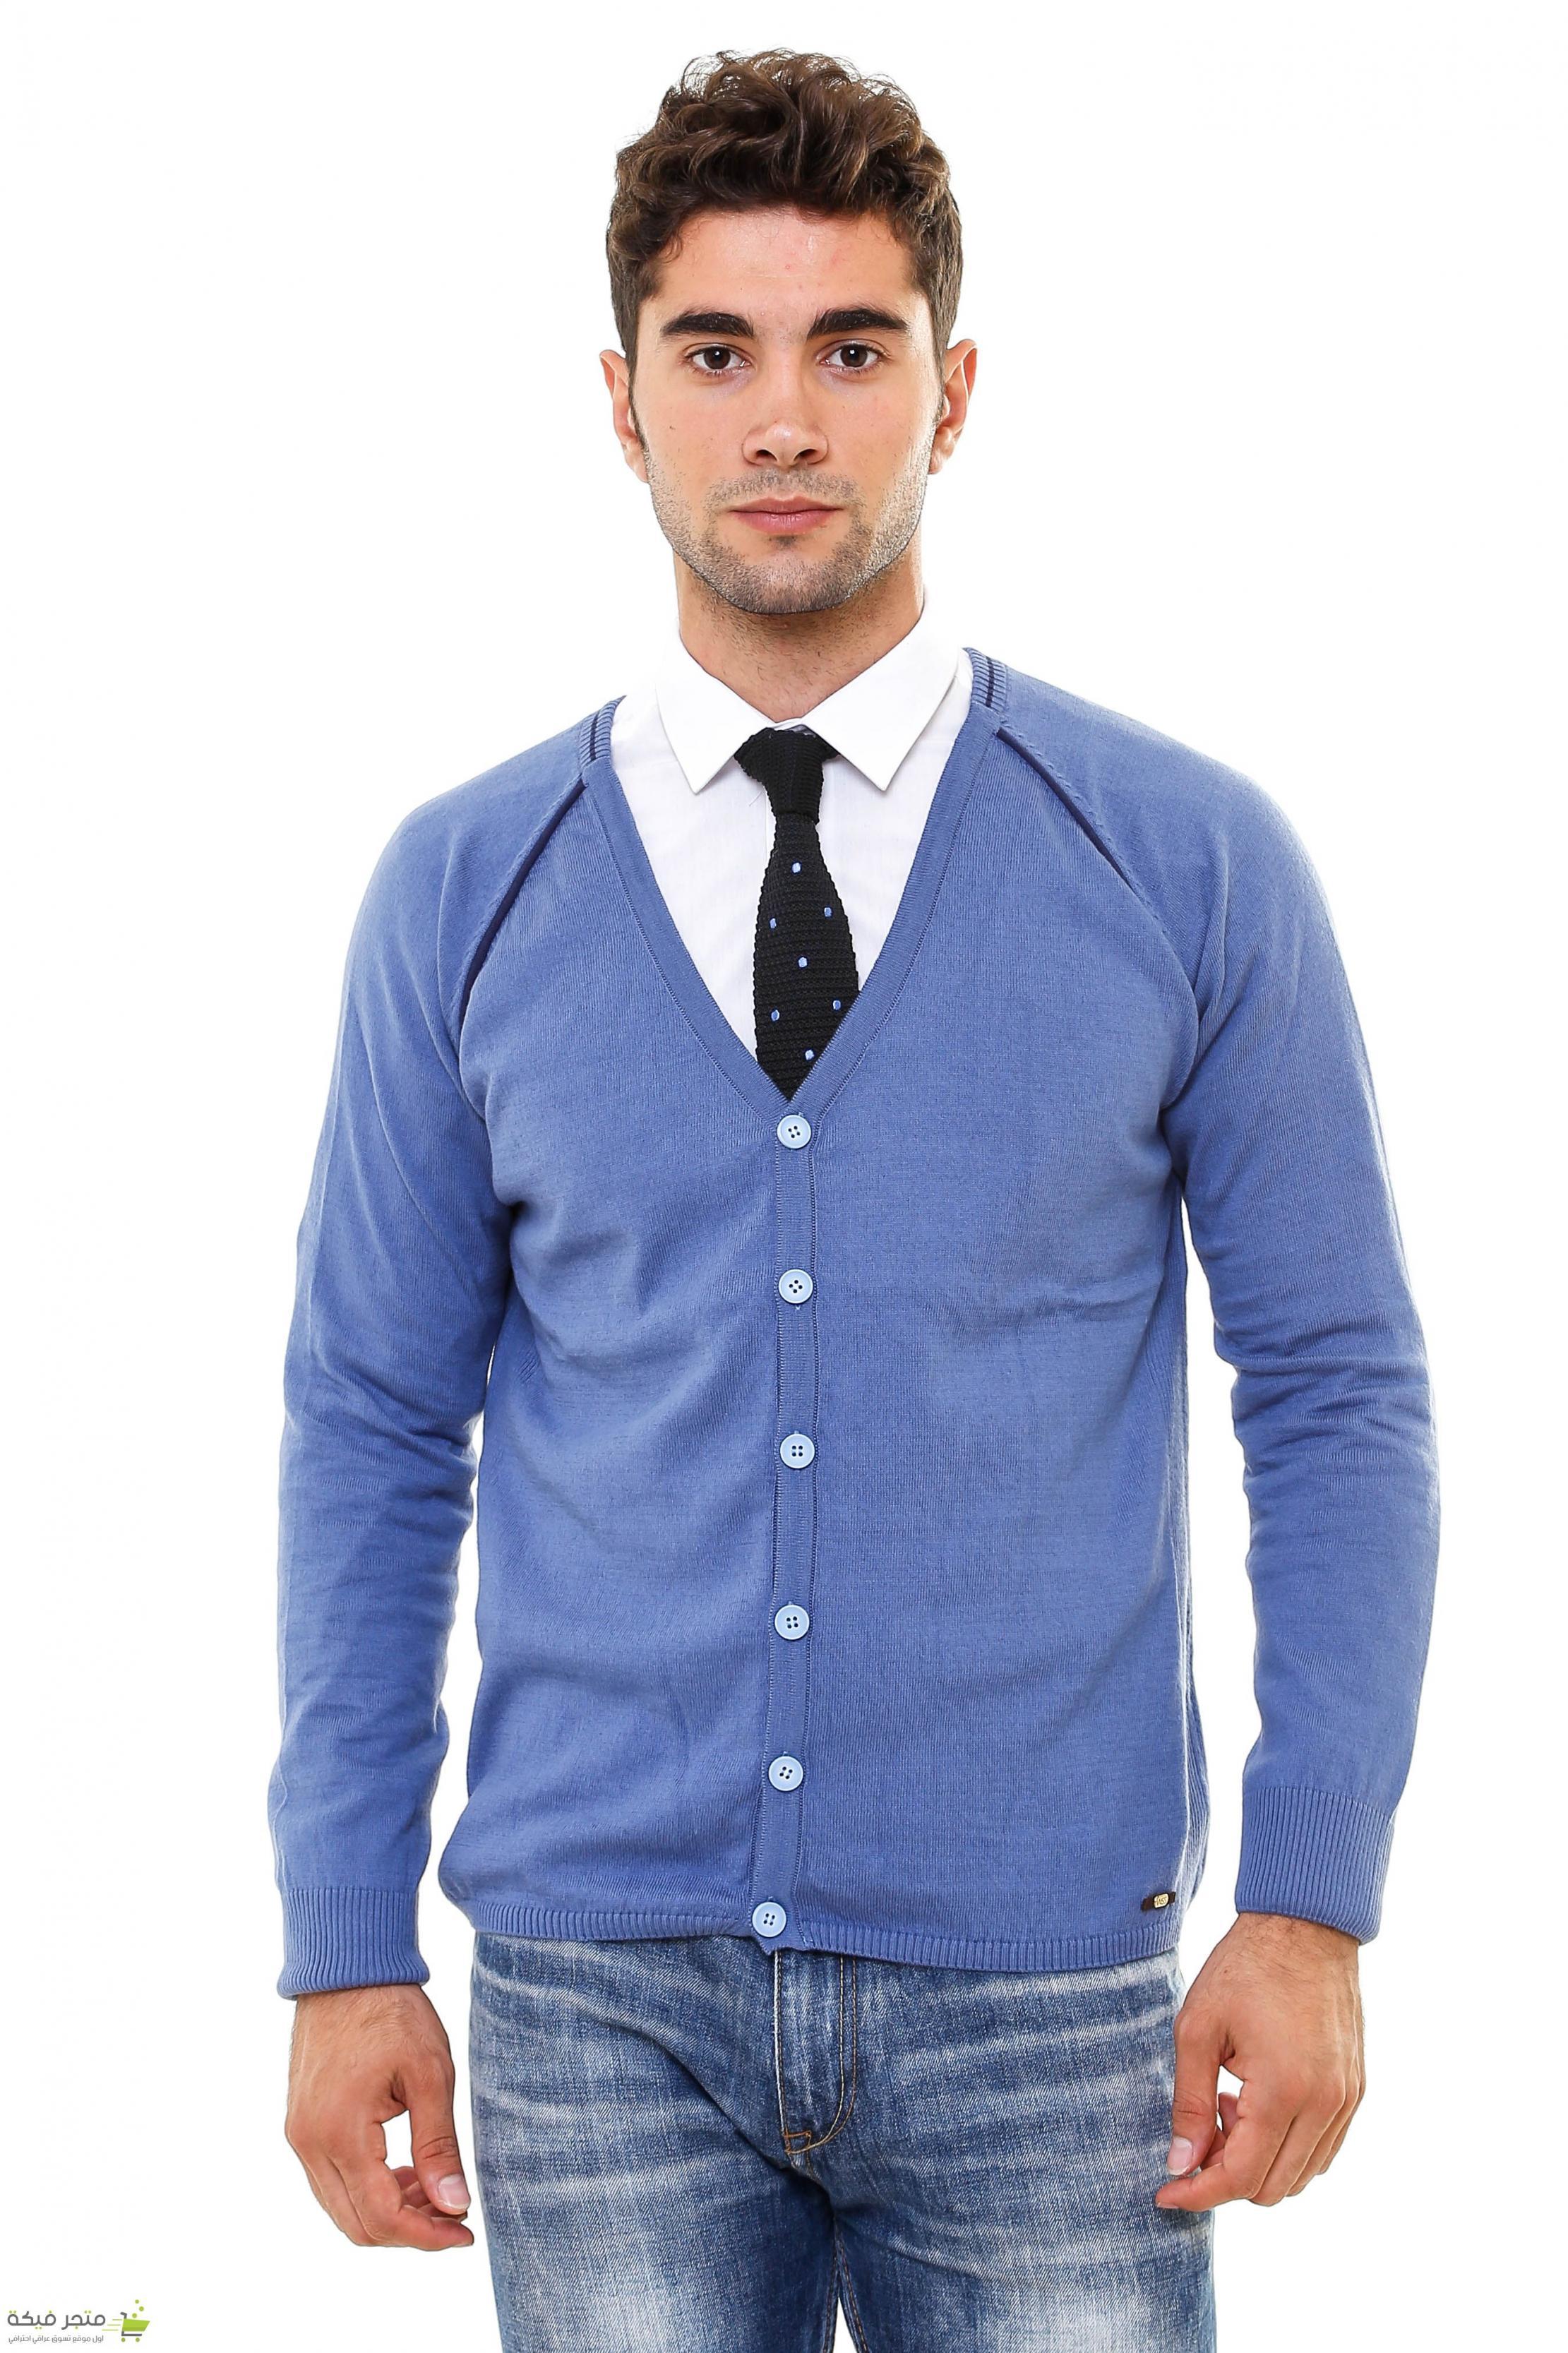 بالصور ملابس رجالية ٖ تشكيلة رائعة من الملابس الرجالية 6227 6